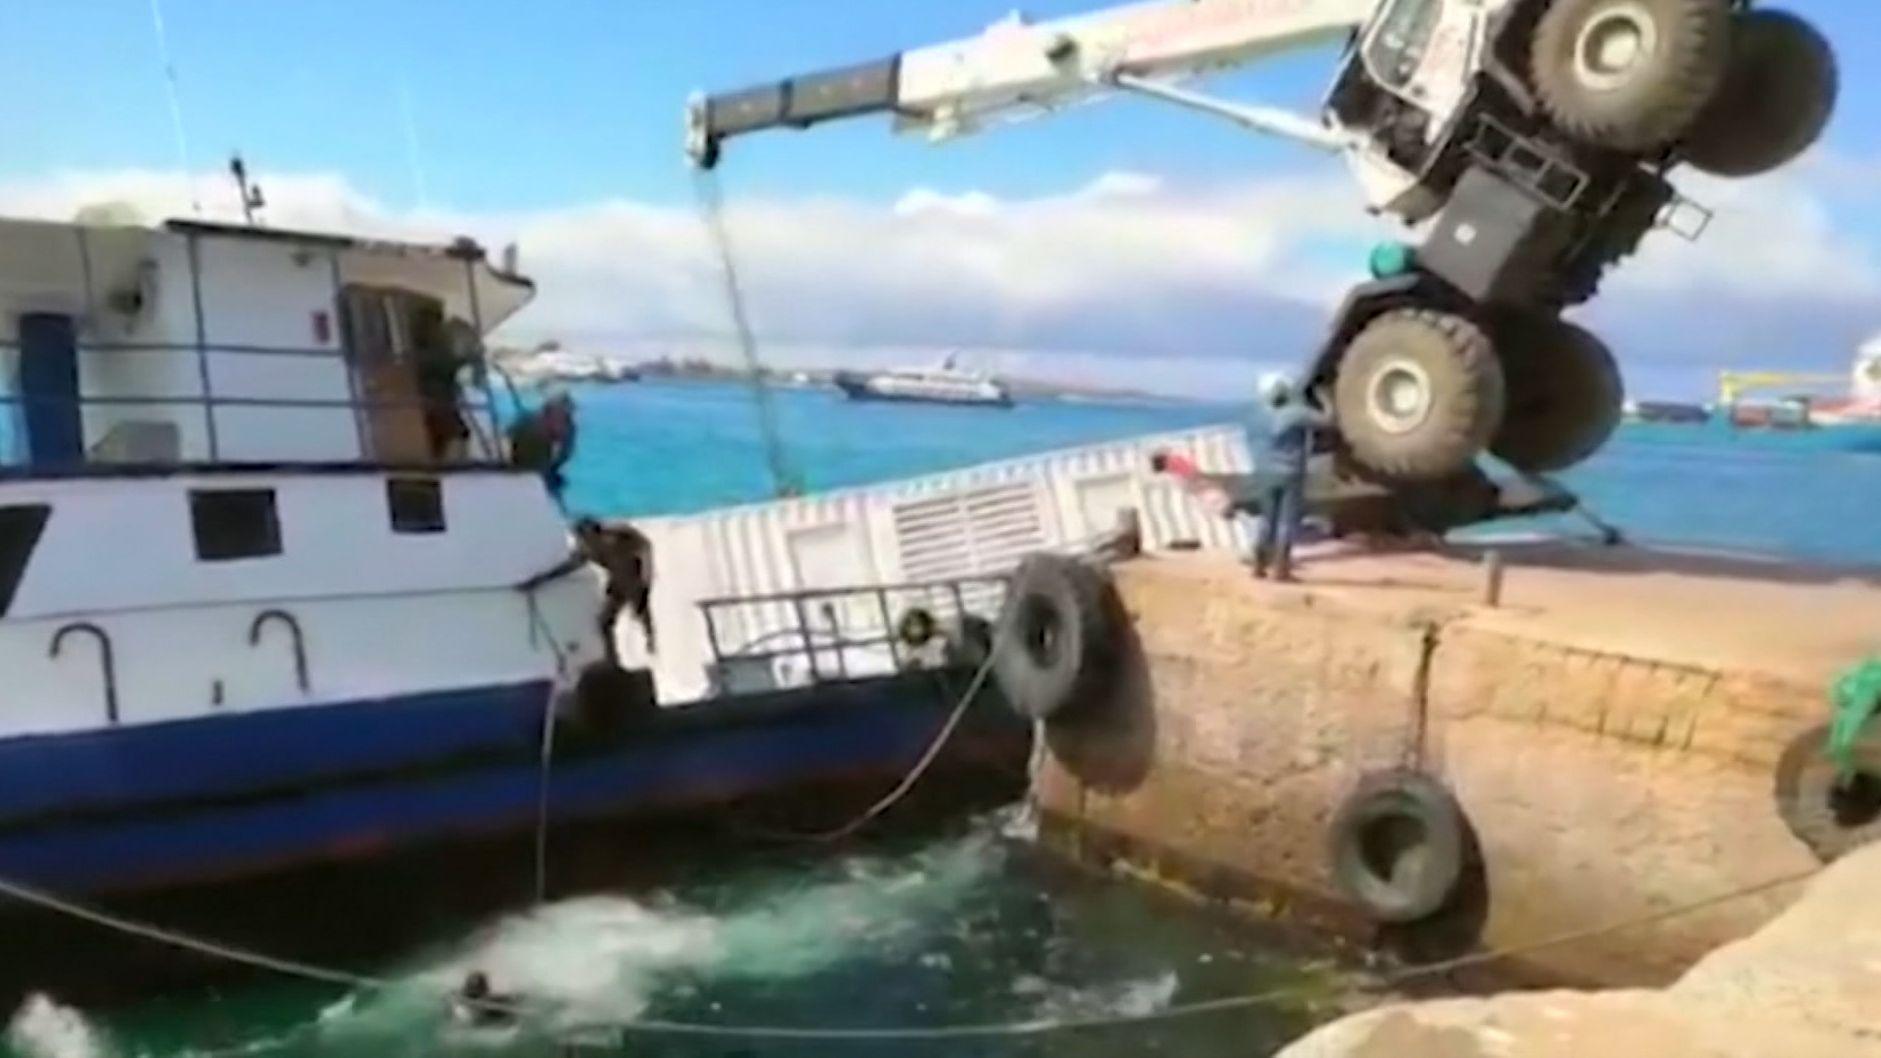 Im Hafen einer Galápagos-Insel ist bei einem Unfall ein Schiff gesunken. Bis zu 2.500 Liter Diesel-Treibstoff liefen ins Meer. Schutzbarrieren sollen das Weltnaturerbe vor Schaden bewahren.